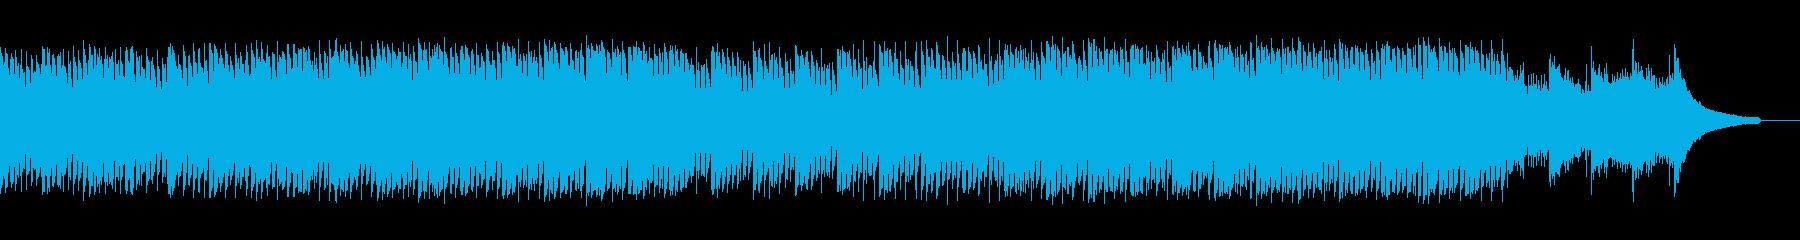 企業VP会社紹介透明感爽やか疾走感A15の再生済みの波形